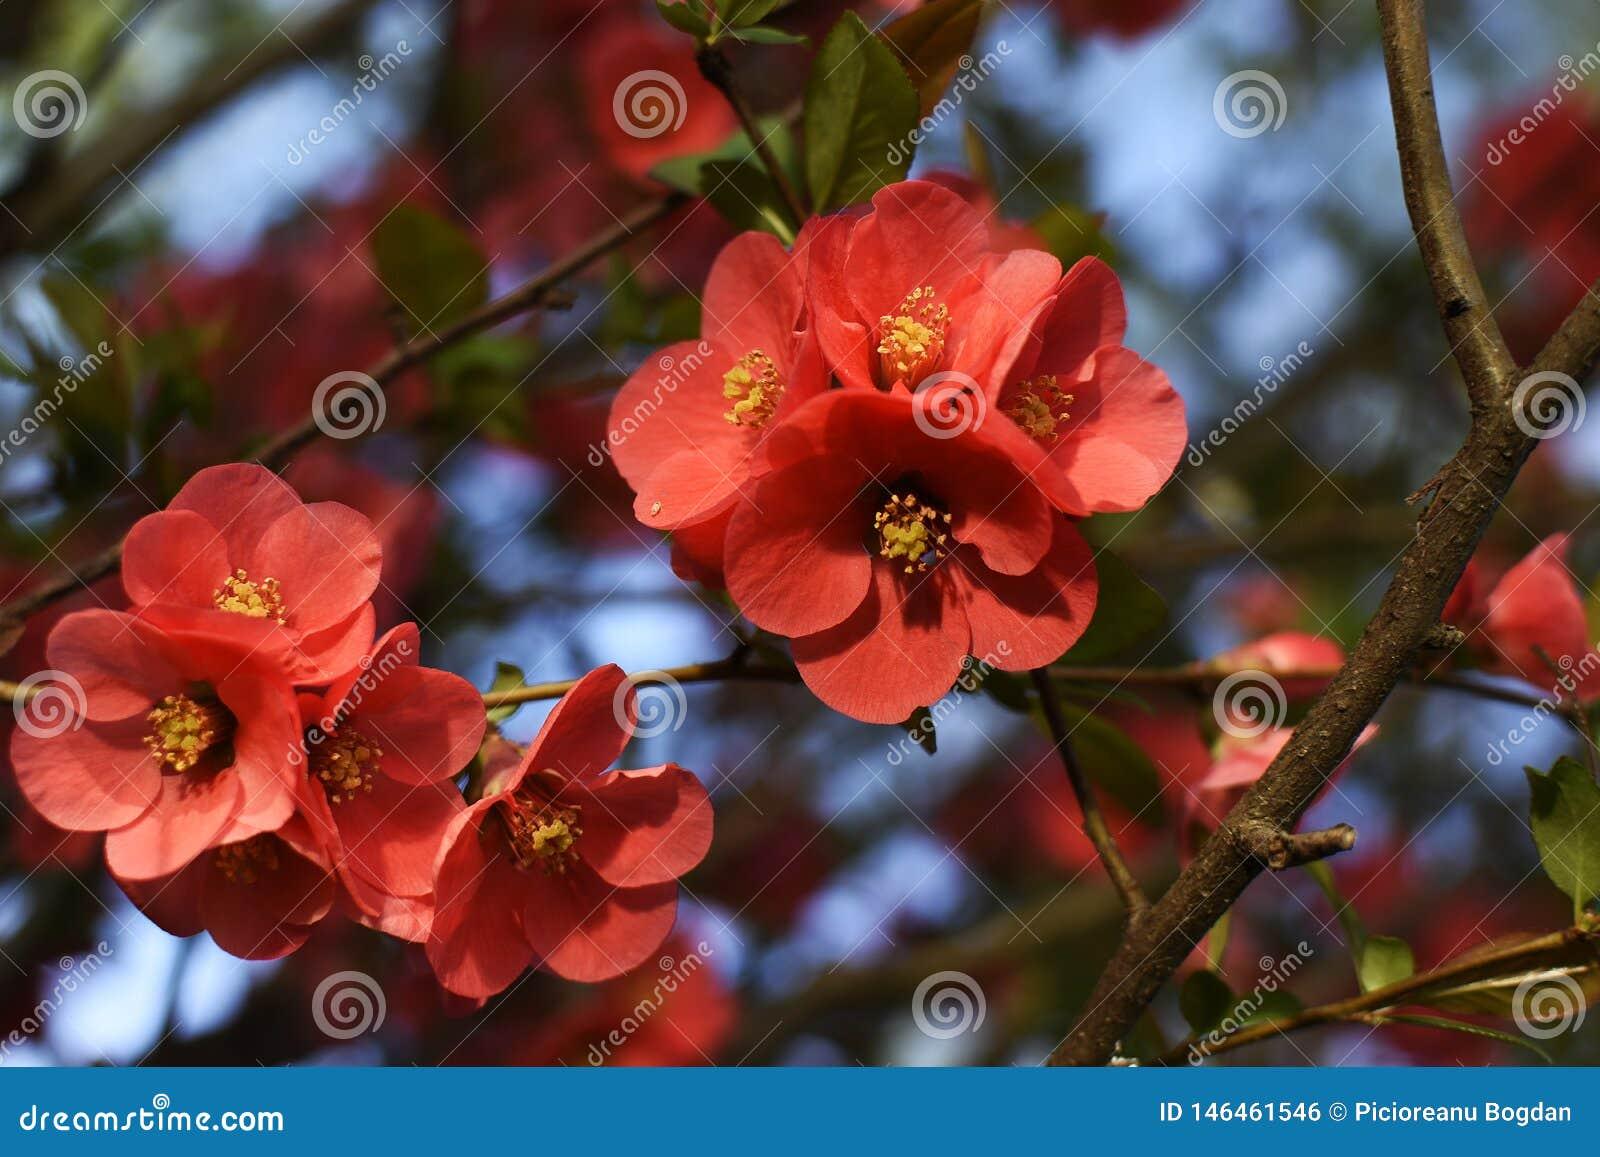 Fiori Gialli Con Pistilli Rossi.Un Bello Fiore Rosso Con Il Pistillo Giallo Fotografia Stock